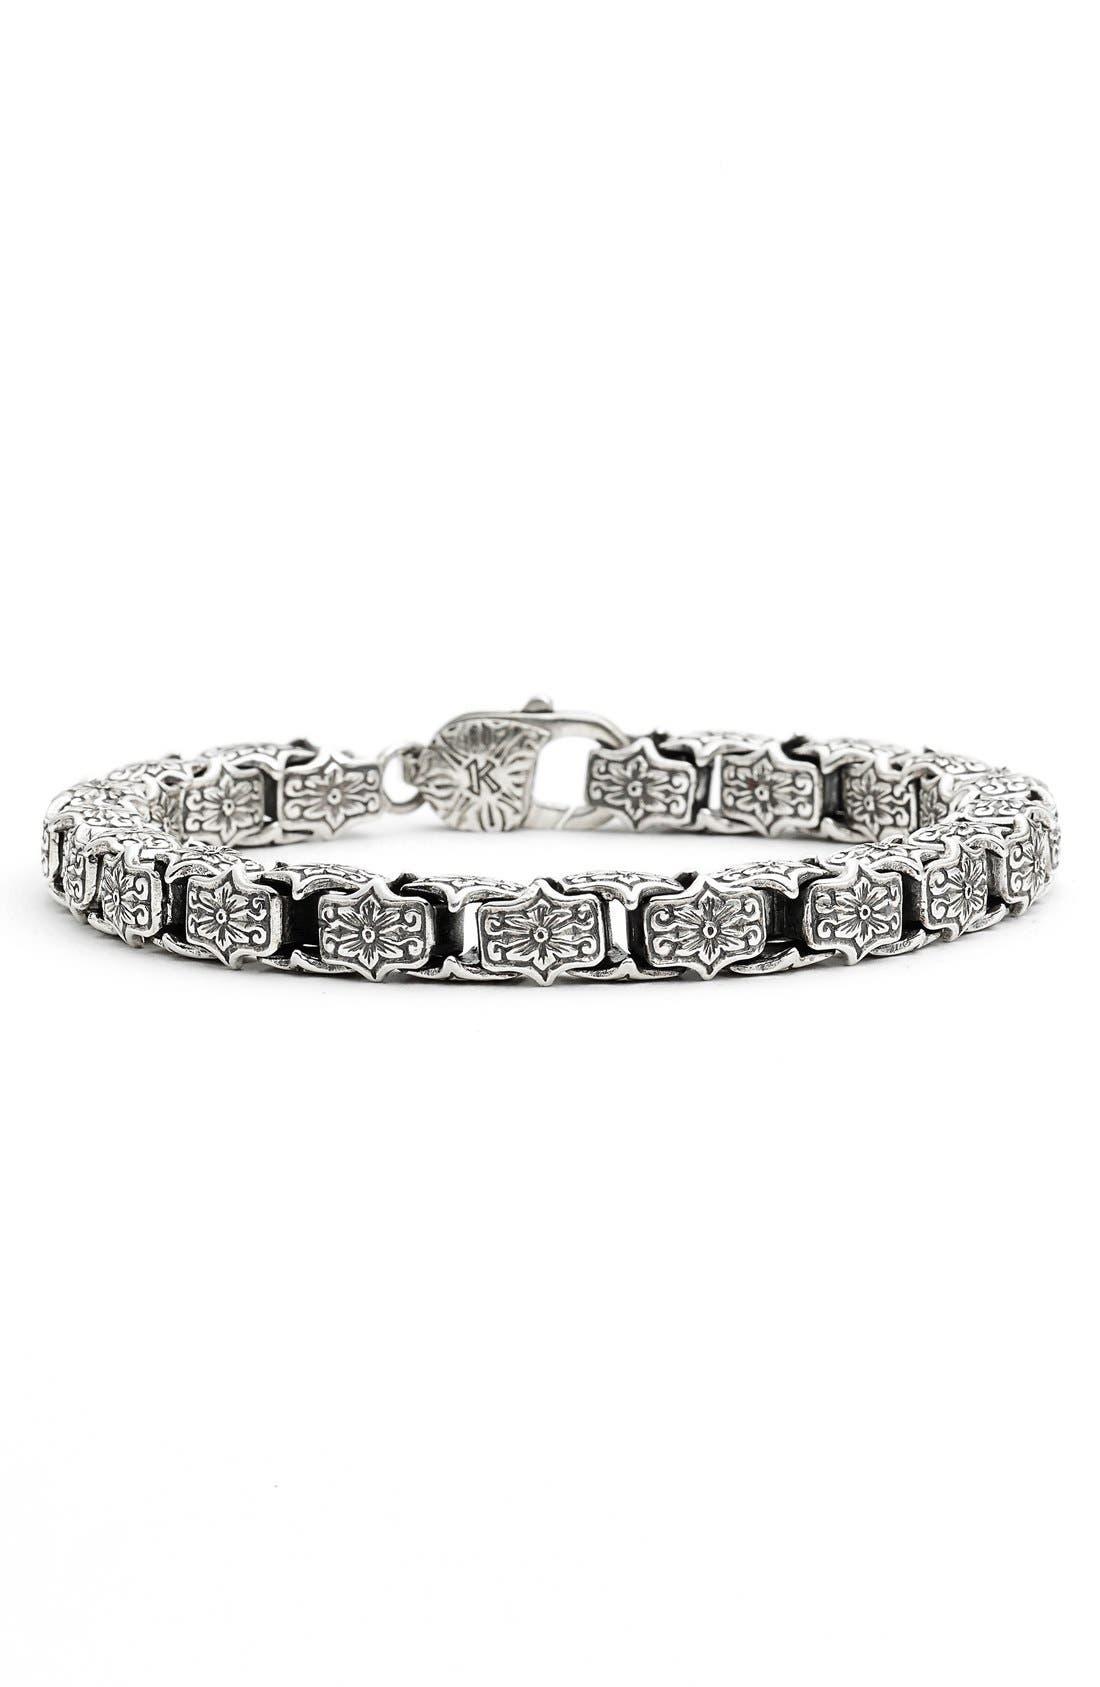 Alternate Image 1 Selected - Konstantino 'Minos' Etched Medium Link Bracelet